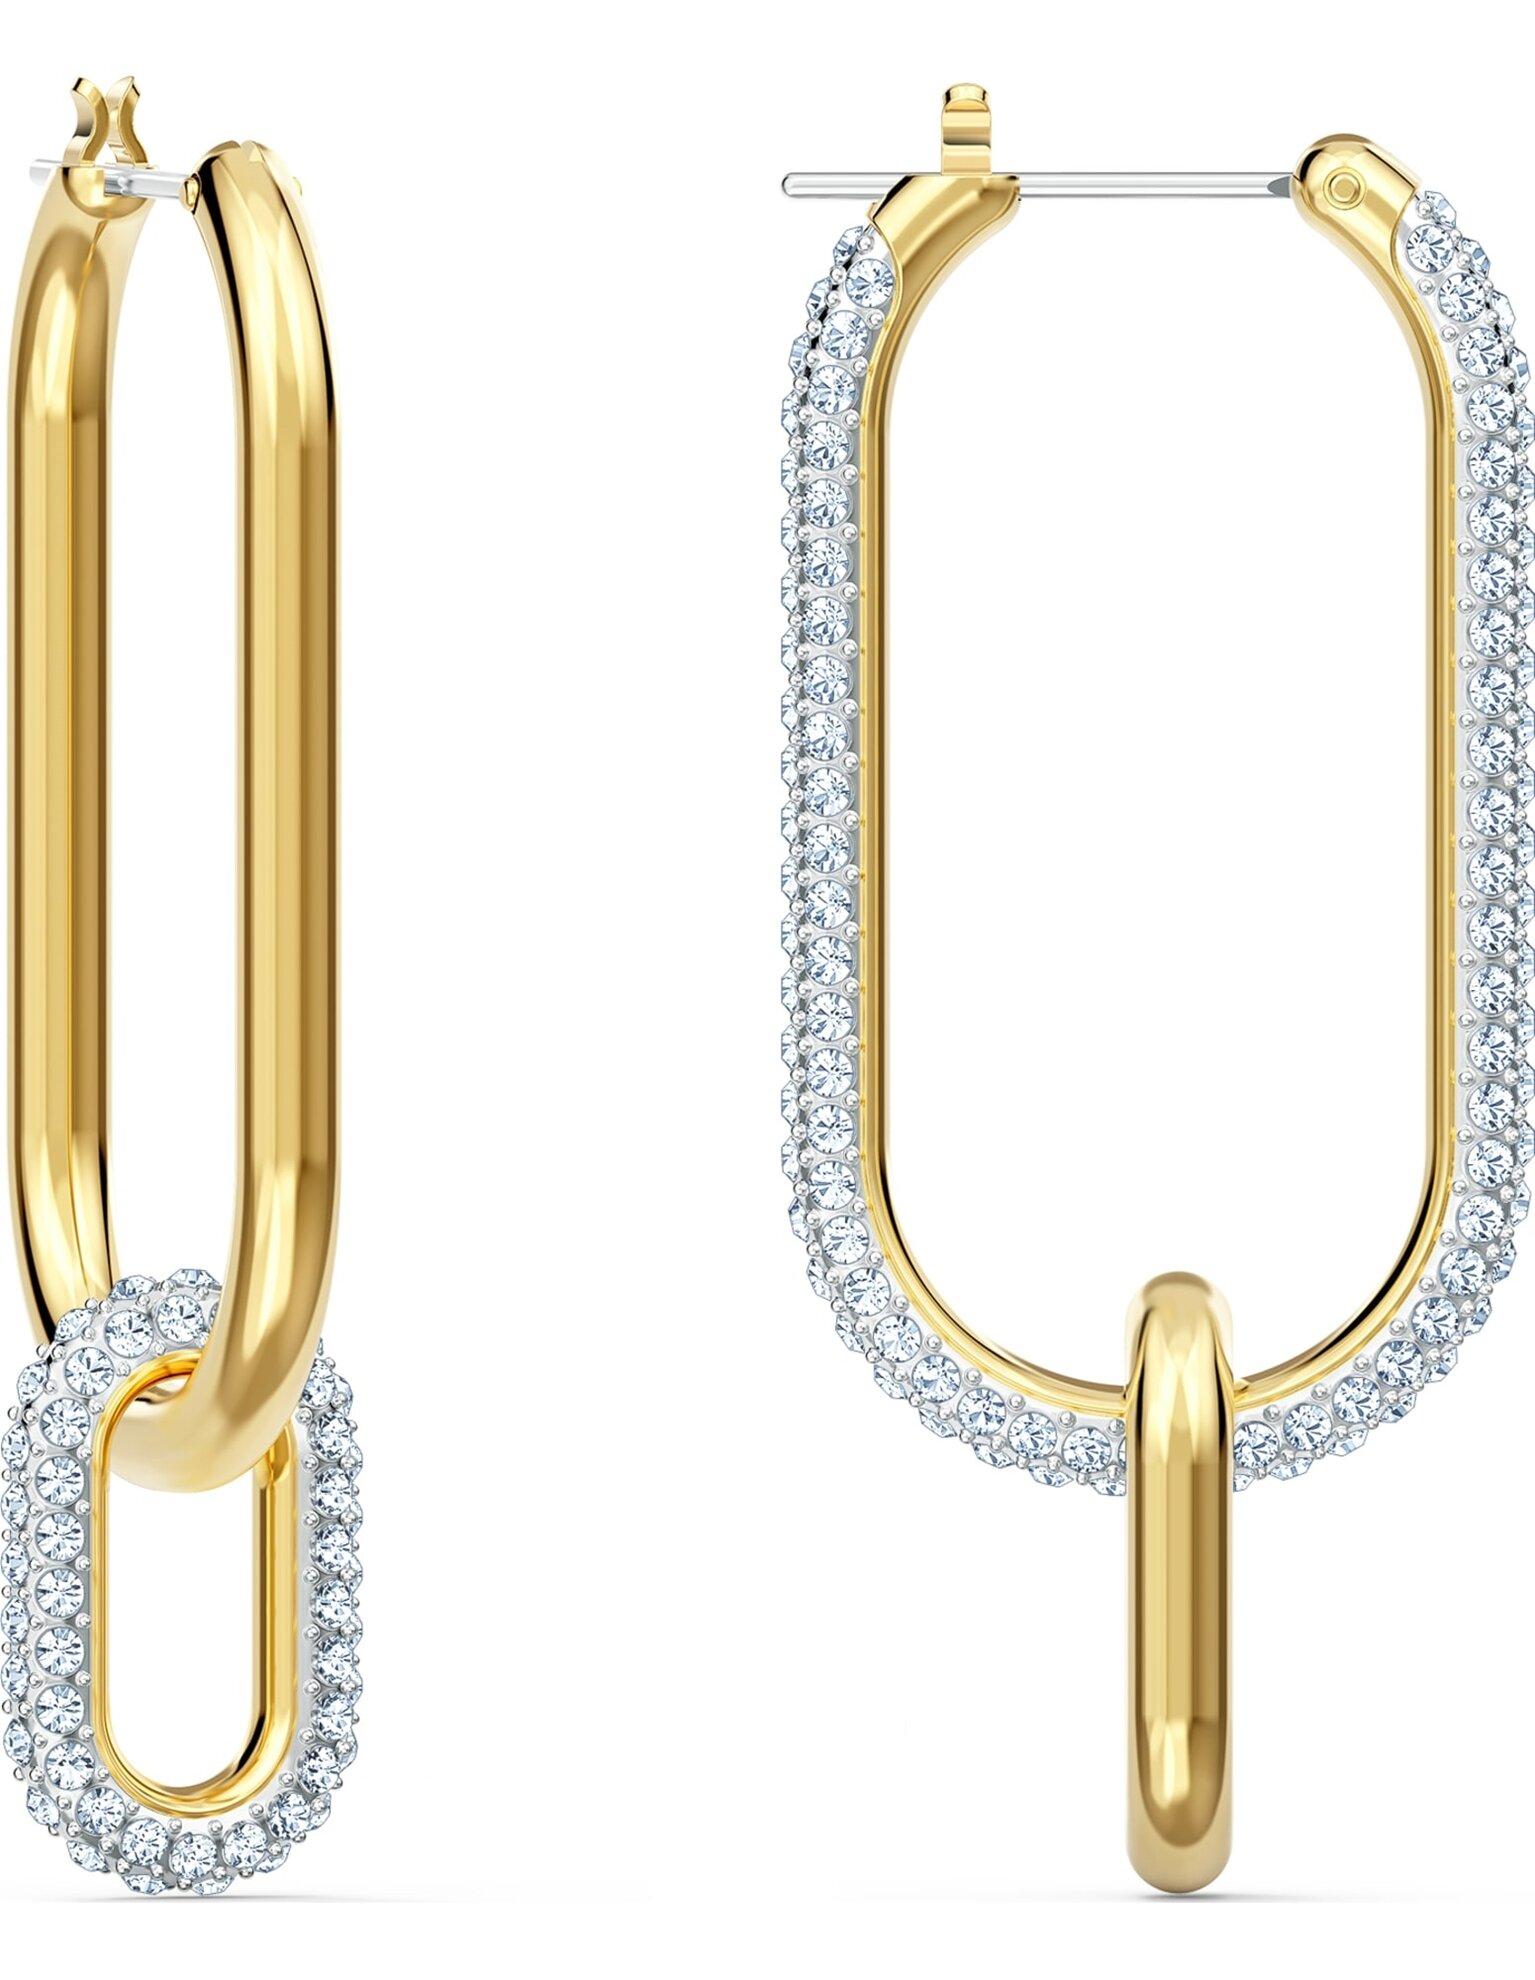 Picture of Time Halka Küpeler, Beyaz, Karışık metal